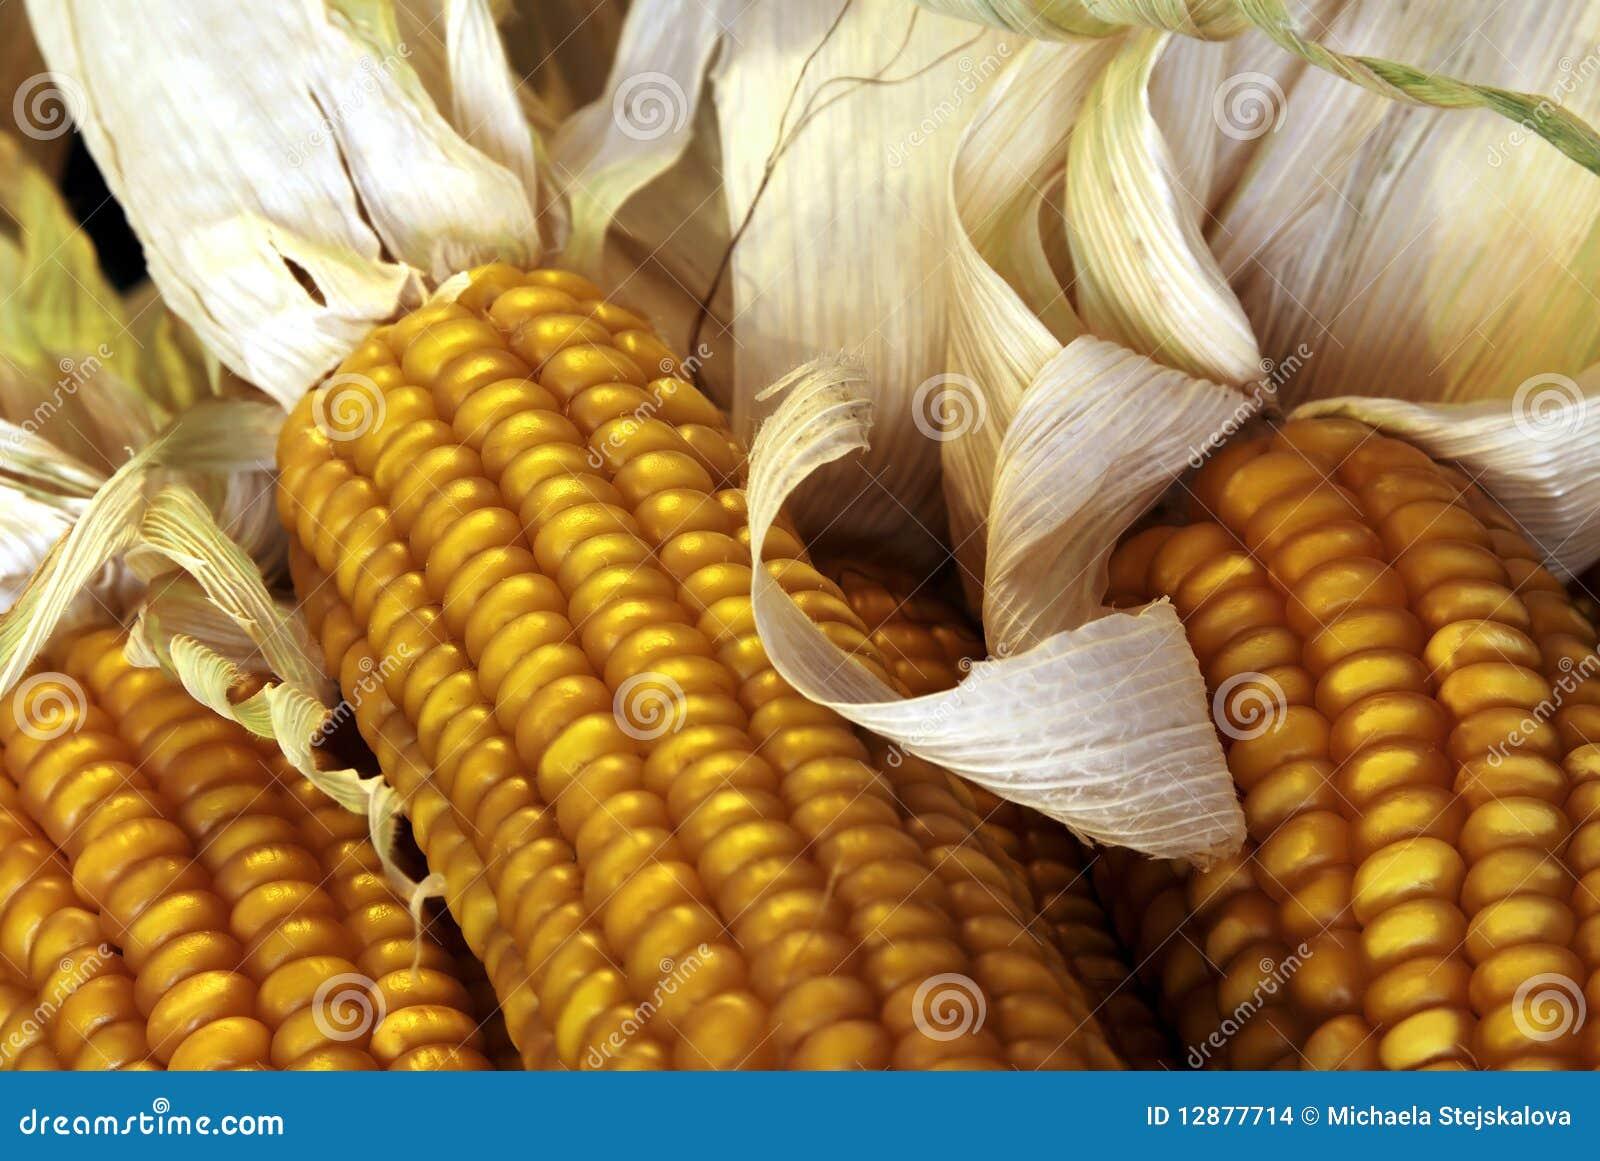 Schließen Sie oben von den Maiskolben